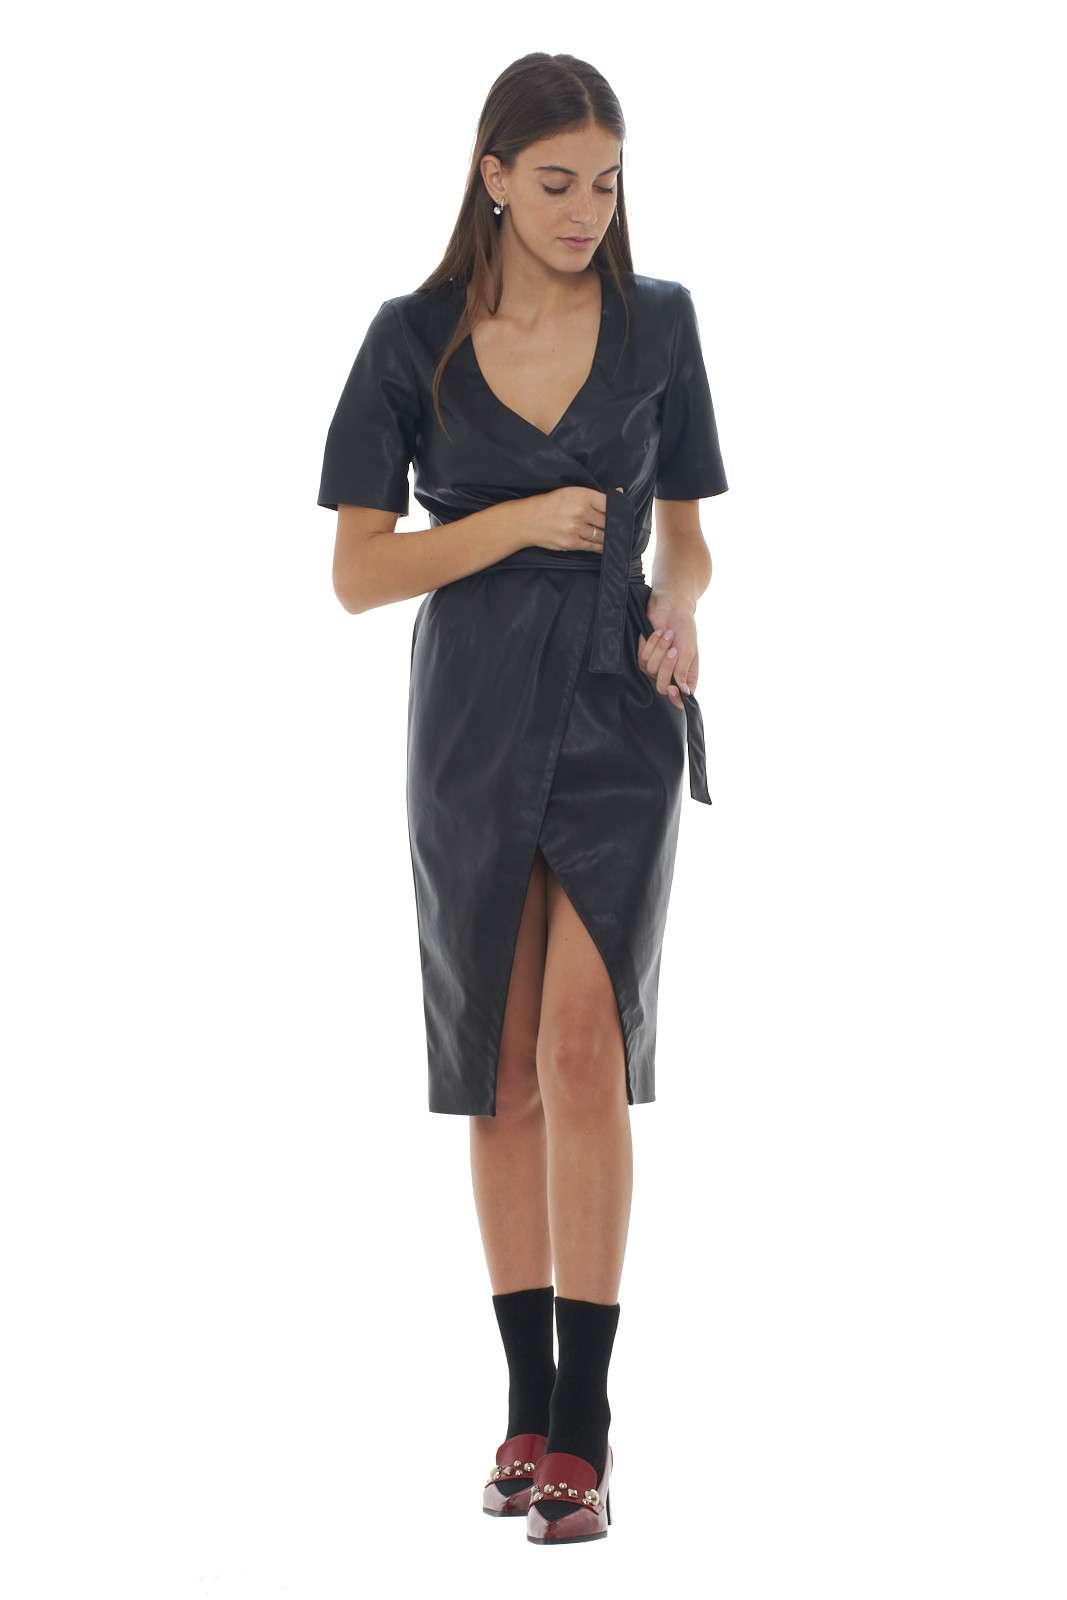 Un abito in pelle ecologiaca dal carattere glamour il PUNIRE firmato Pinko. L'apertura a portafoglio garantisce sensualità e femminilità per rendere il look impeccabile. Con un decolletè o un tronchetto rende l'outfit unico.